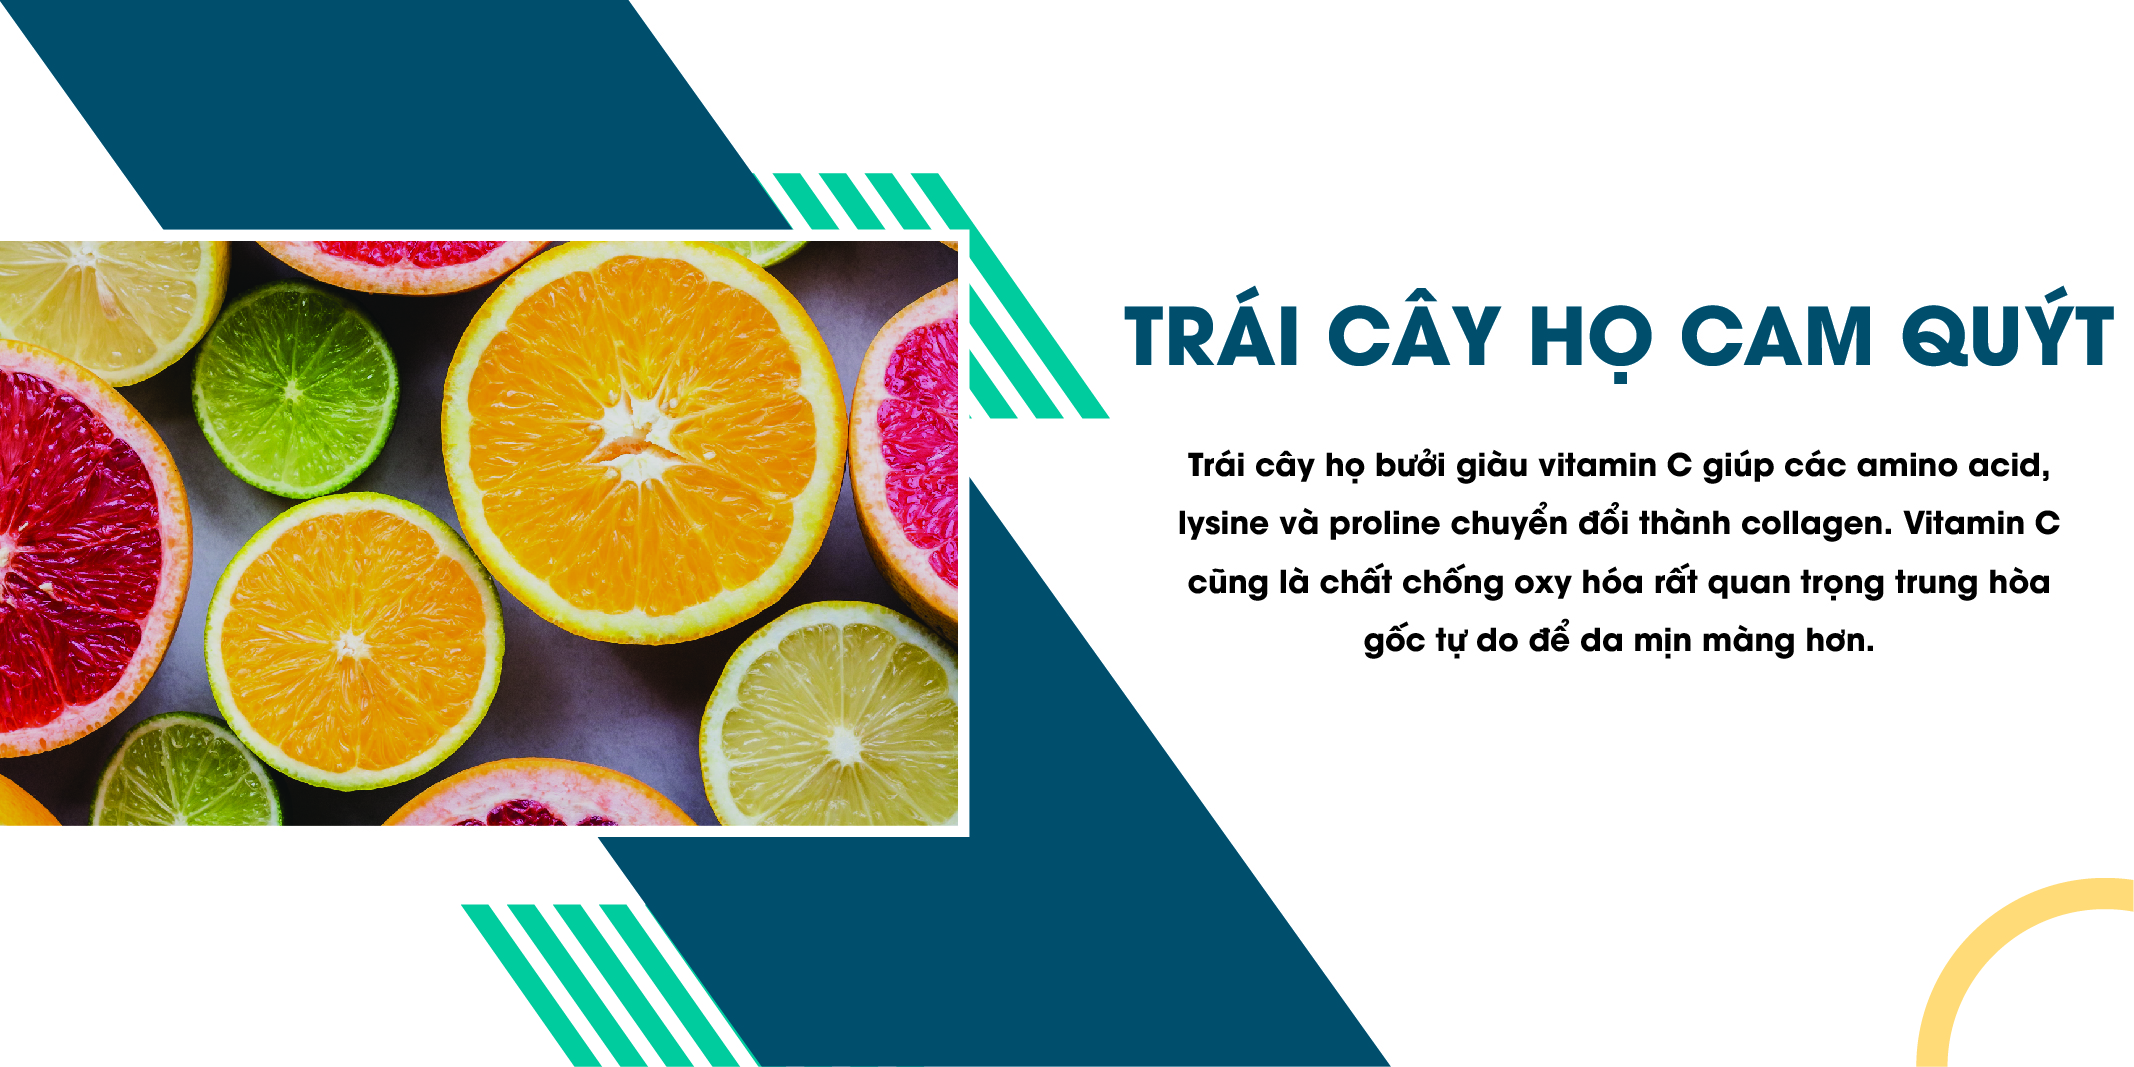 Trái cây họ cam quýt chứa chất chuyển đổi thành collagen